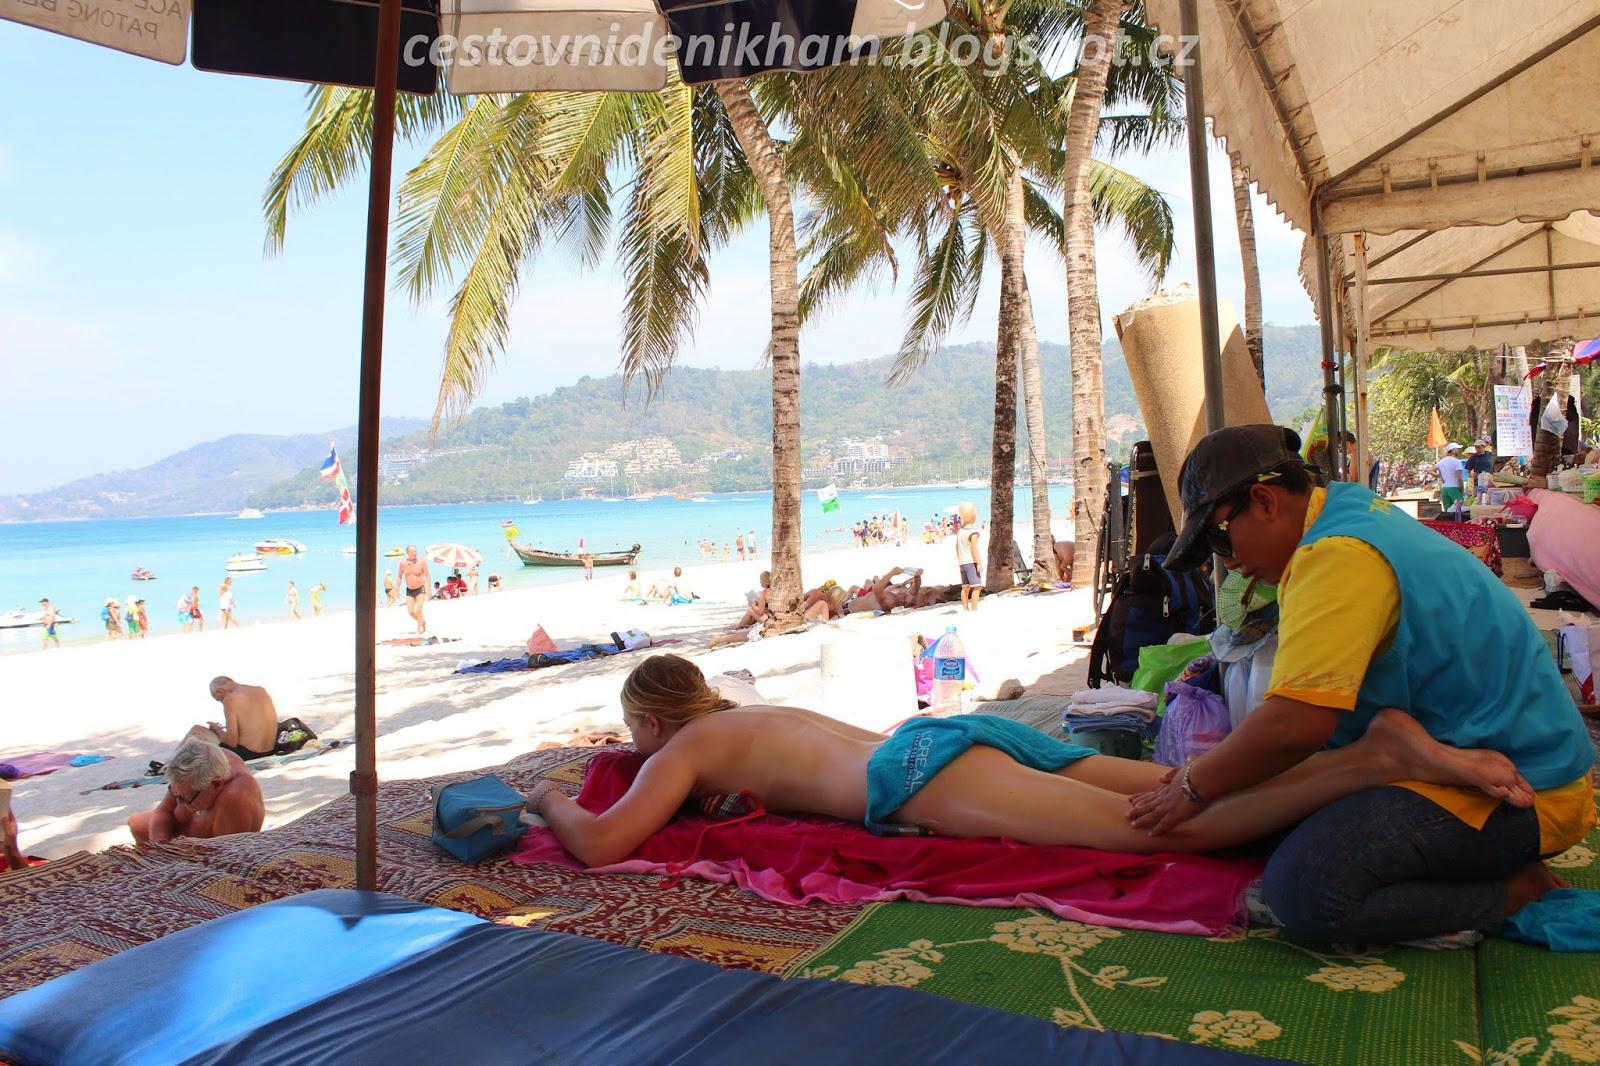 olejová masáž na pláži // oil massage on Patong Beach